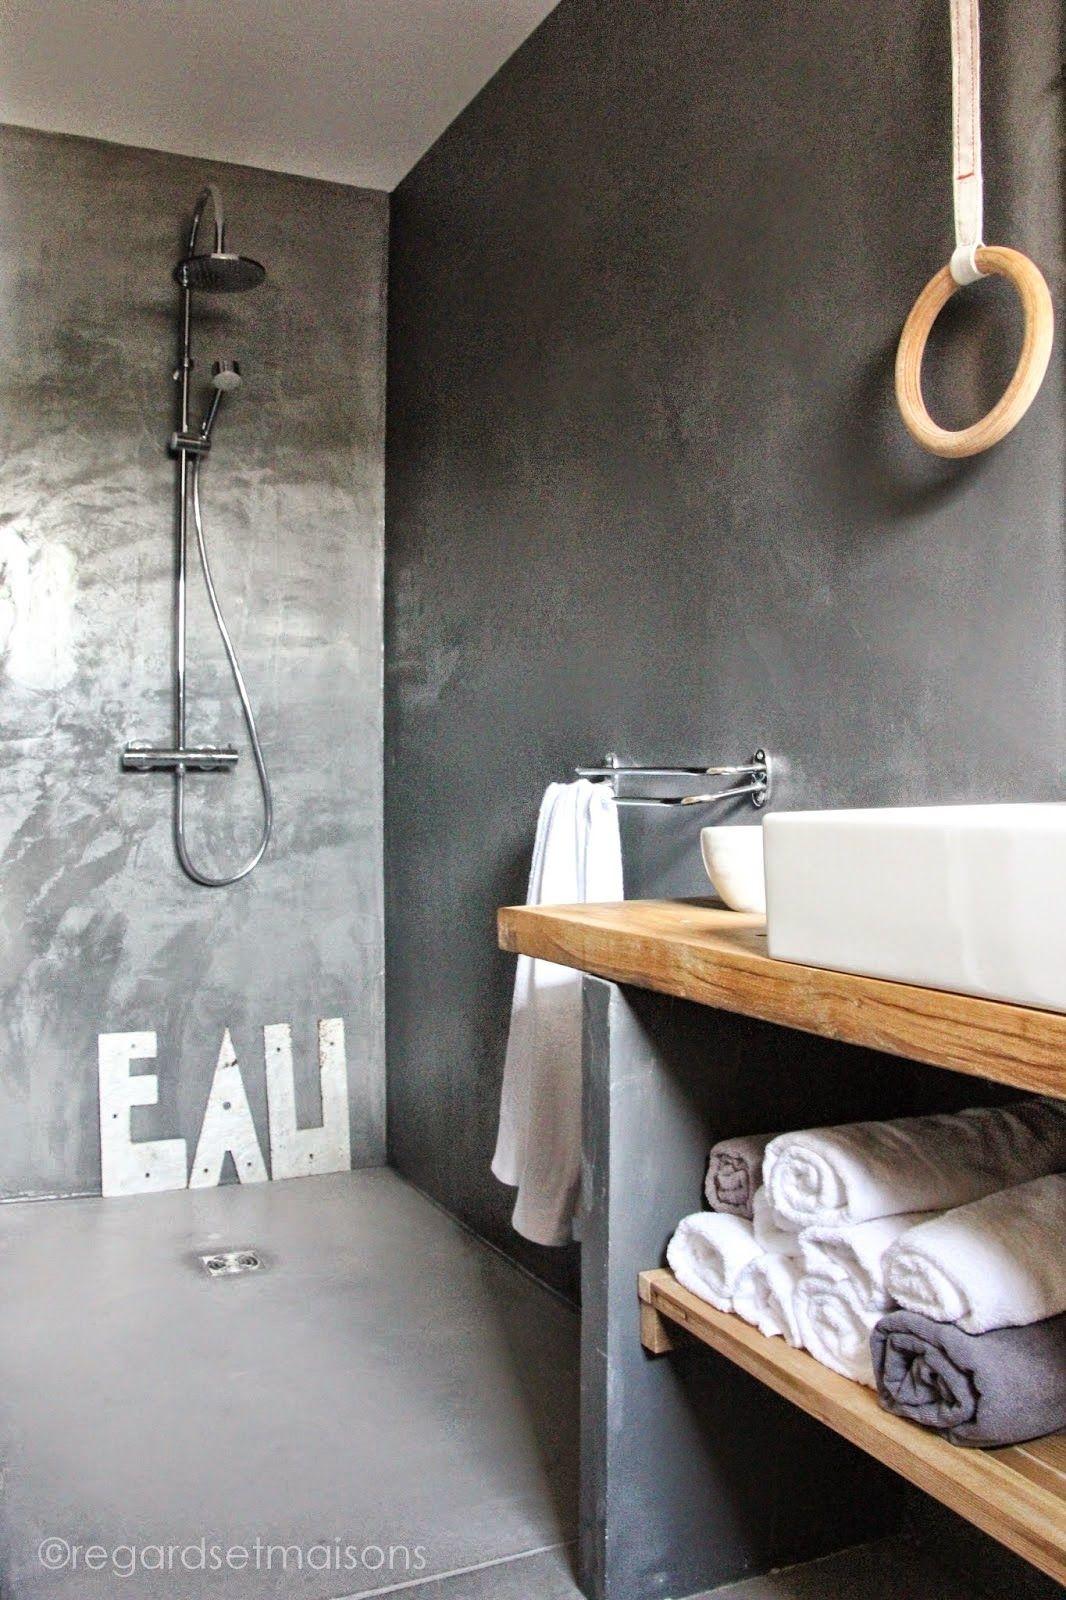 Coup de coeur / La salle de bain béton chez Regards et maisons ...